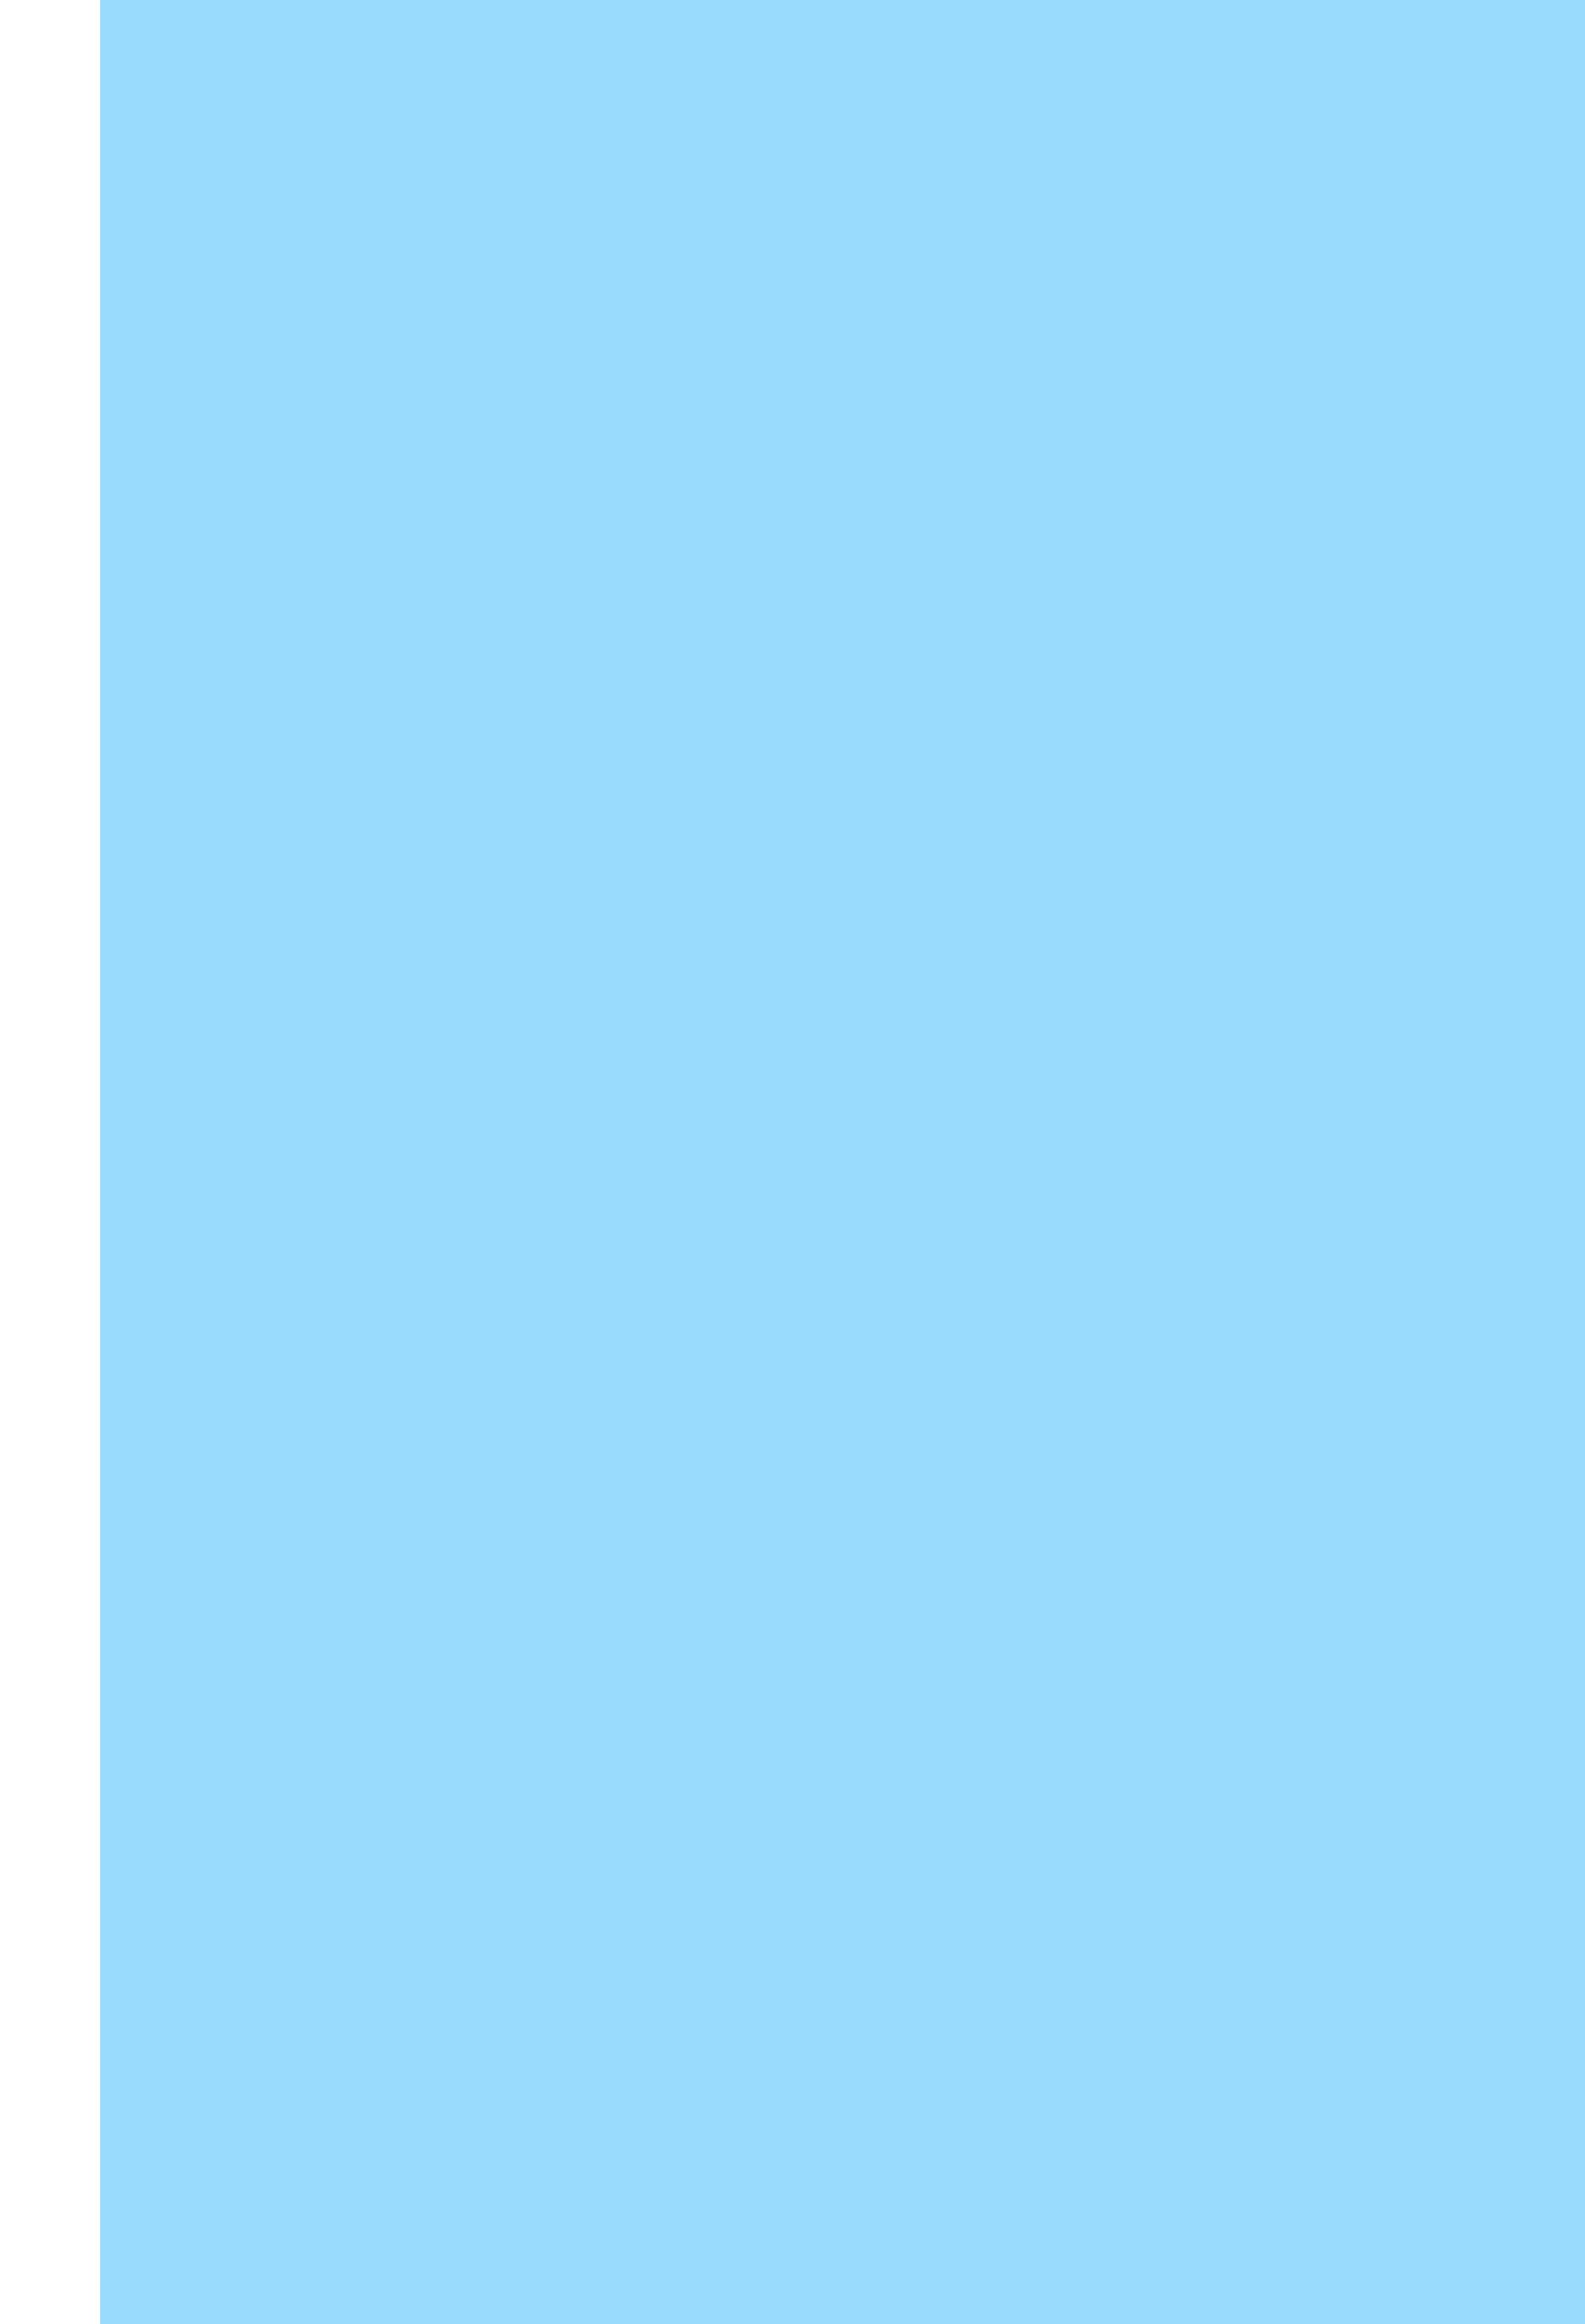 élément graphique en dorme de cadre